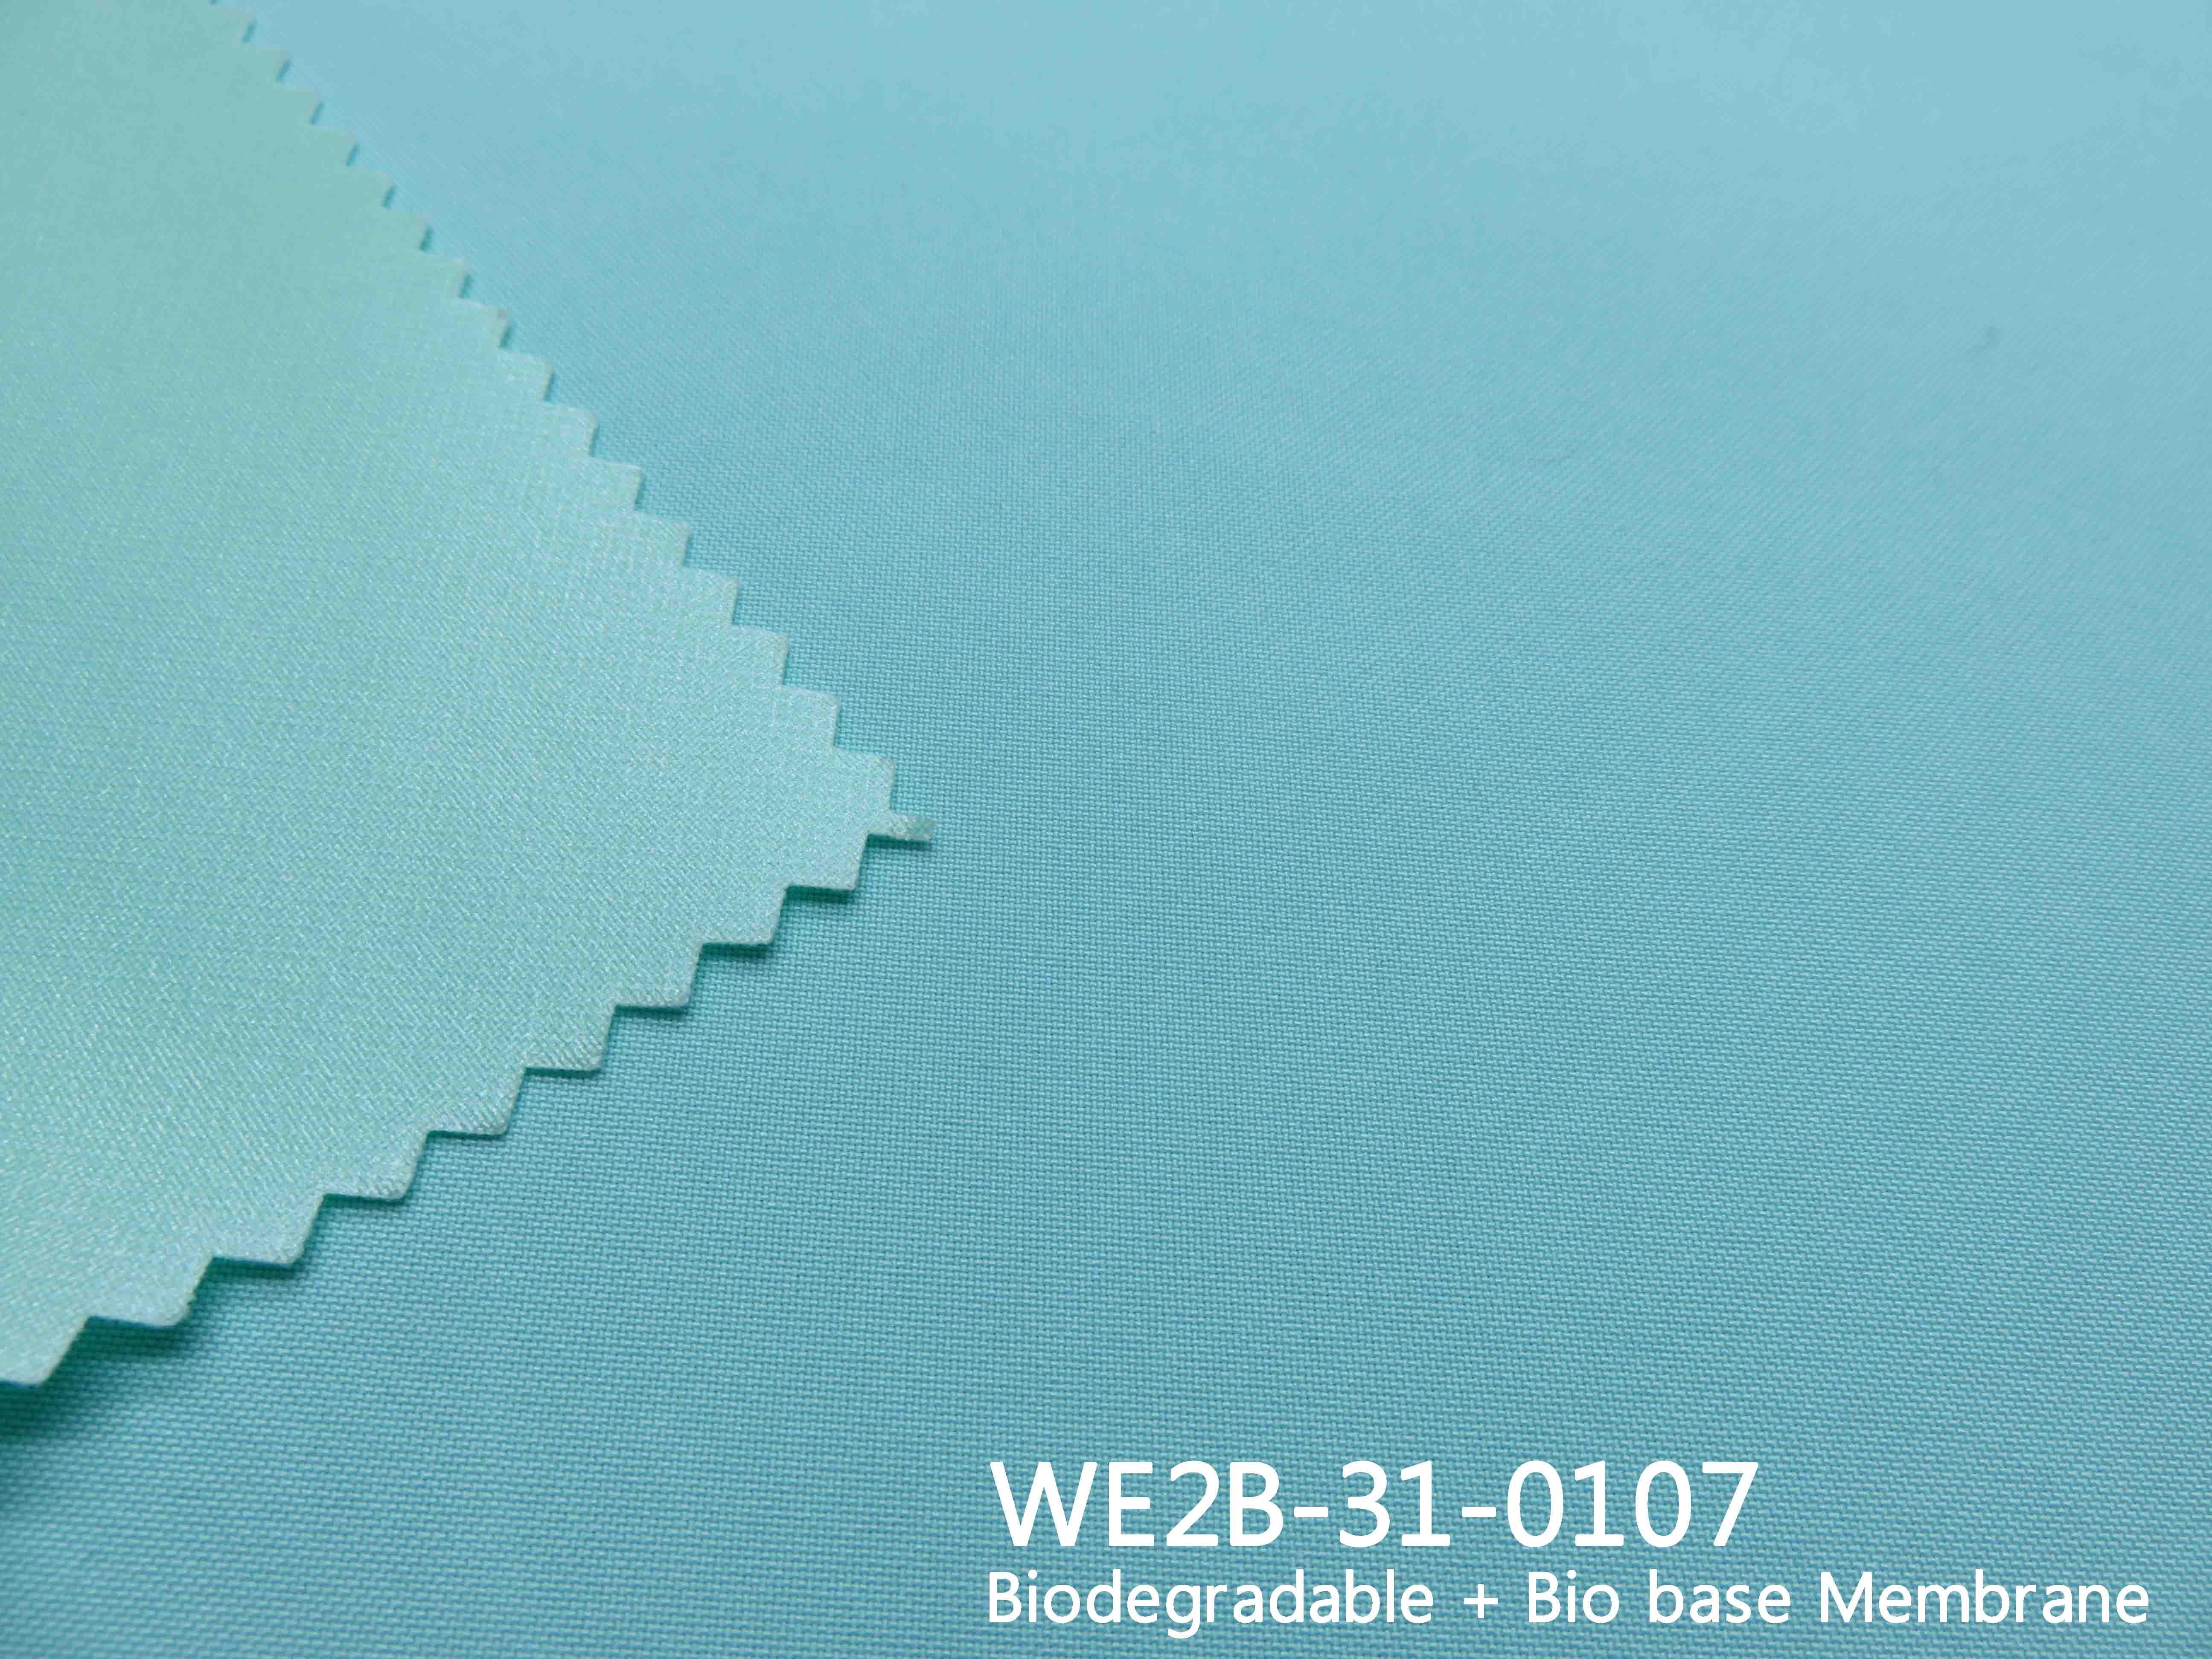 WE2B-31-0107